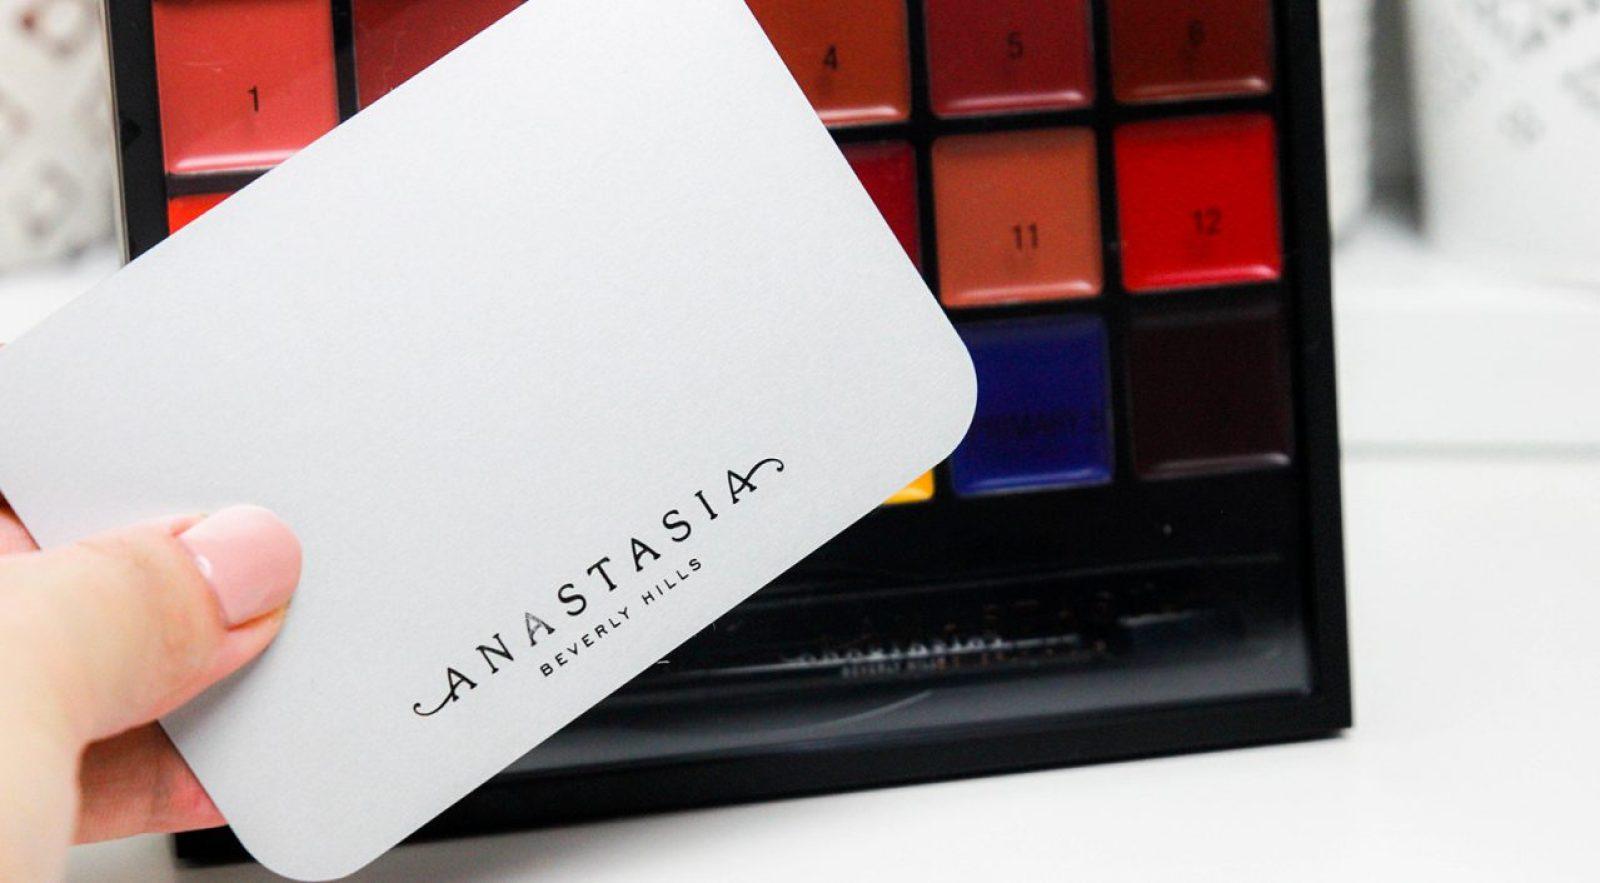 Anastasia-Beverly Hills-Lip-Palette-revue-4